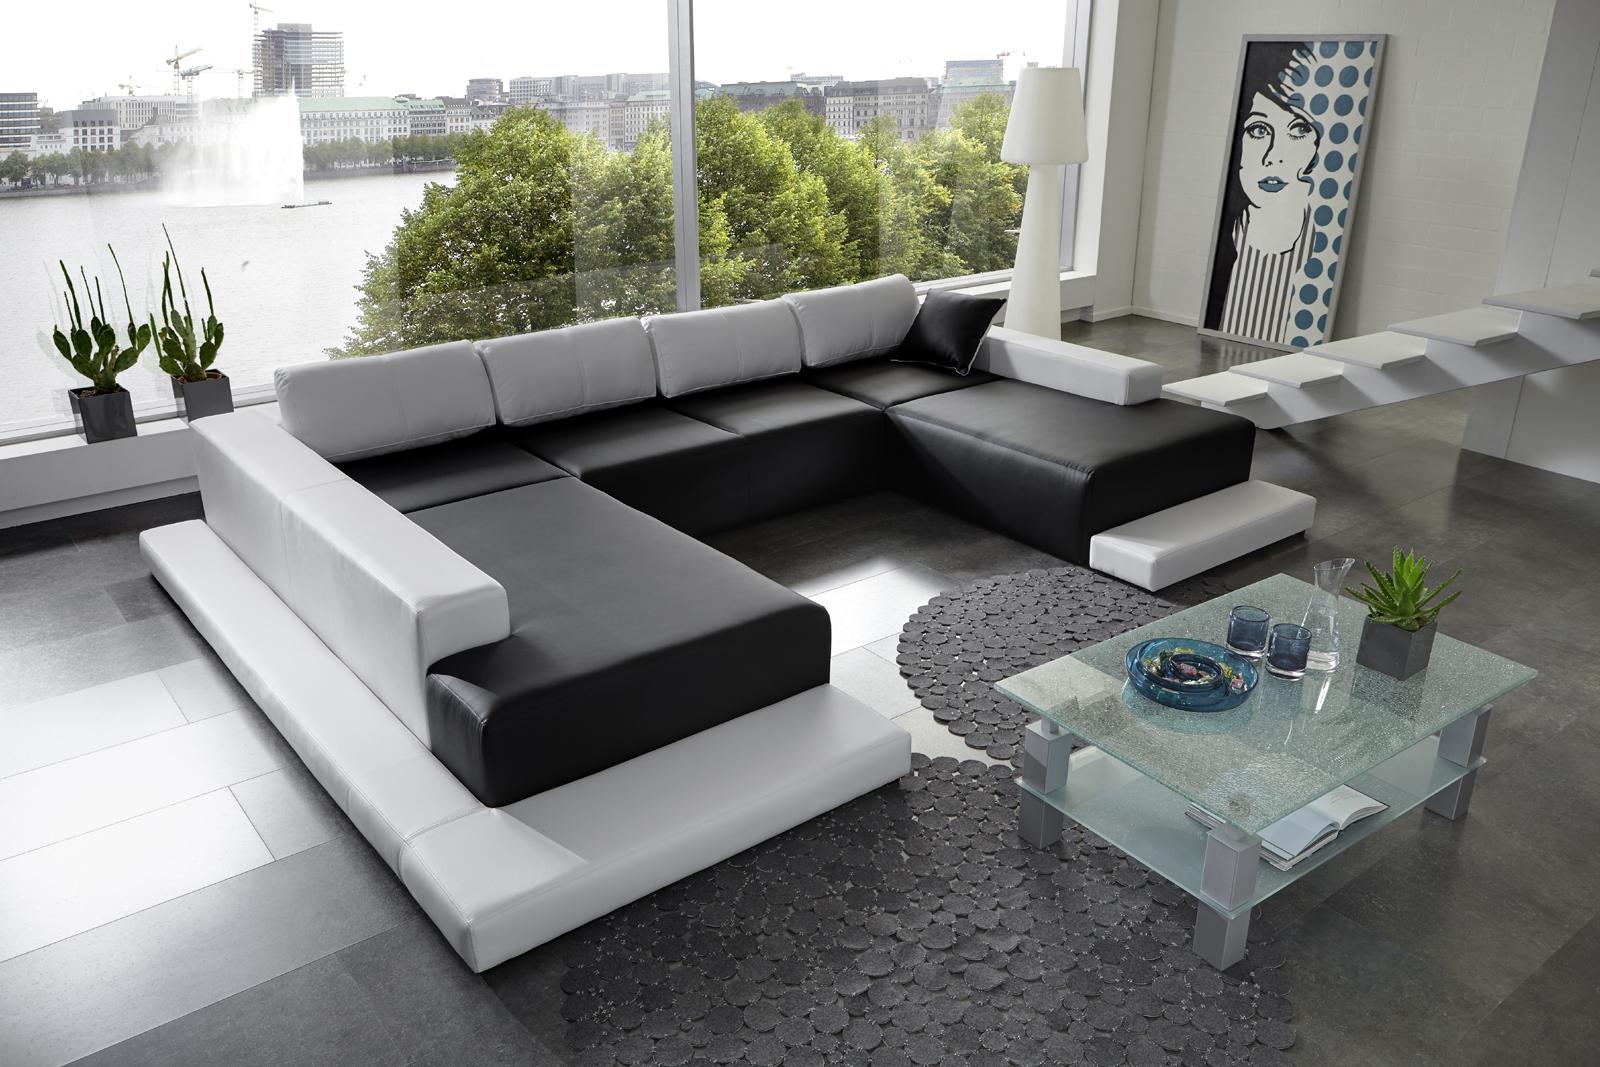 sam wohnlandschaft schwarz wei diverso 260 x 360 x 200. Black Bedroom Furniture Sets. Home Design Ideas